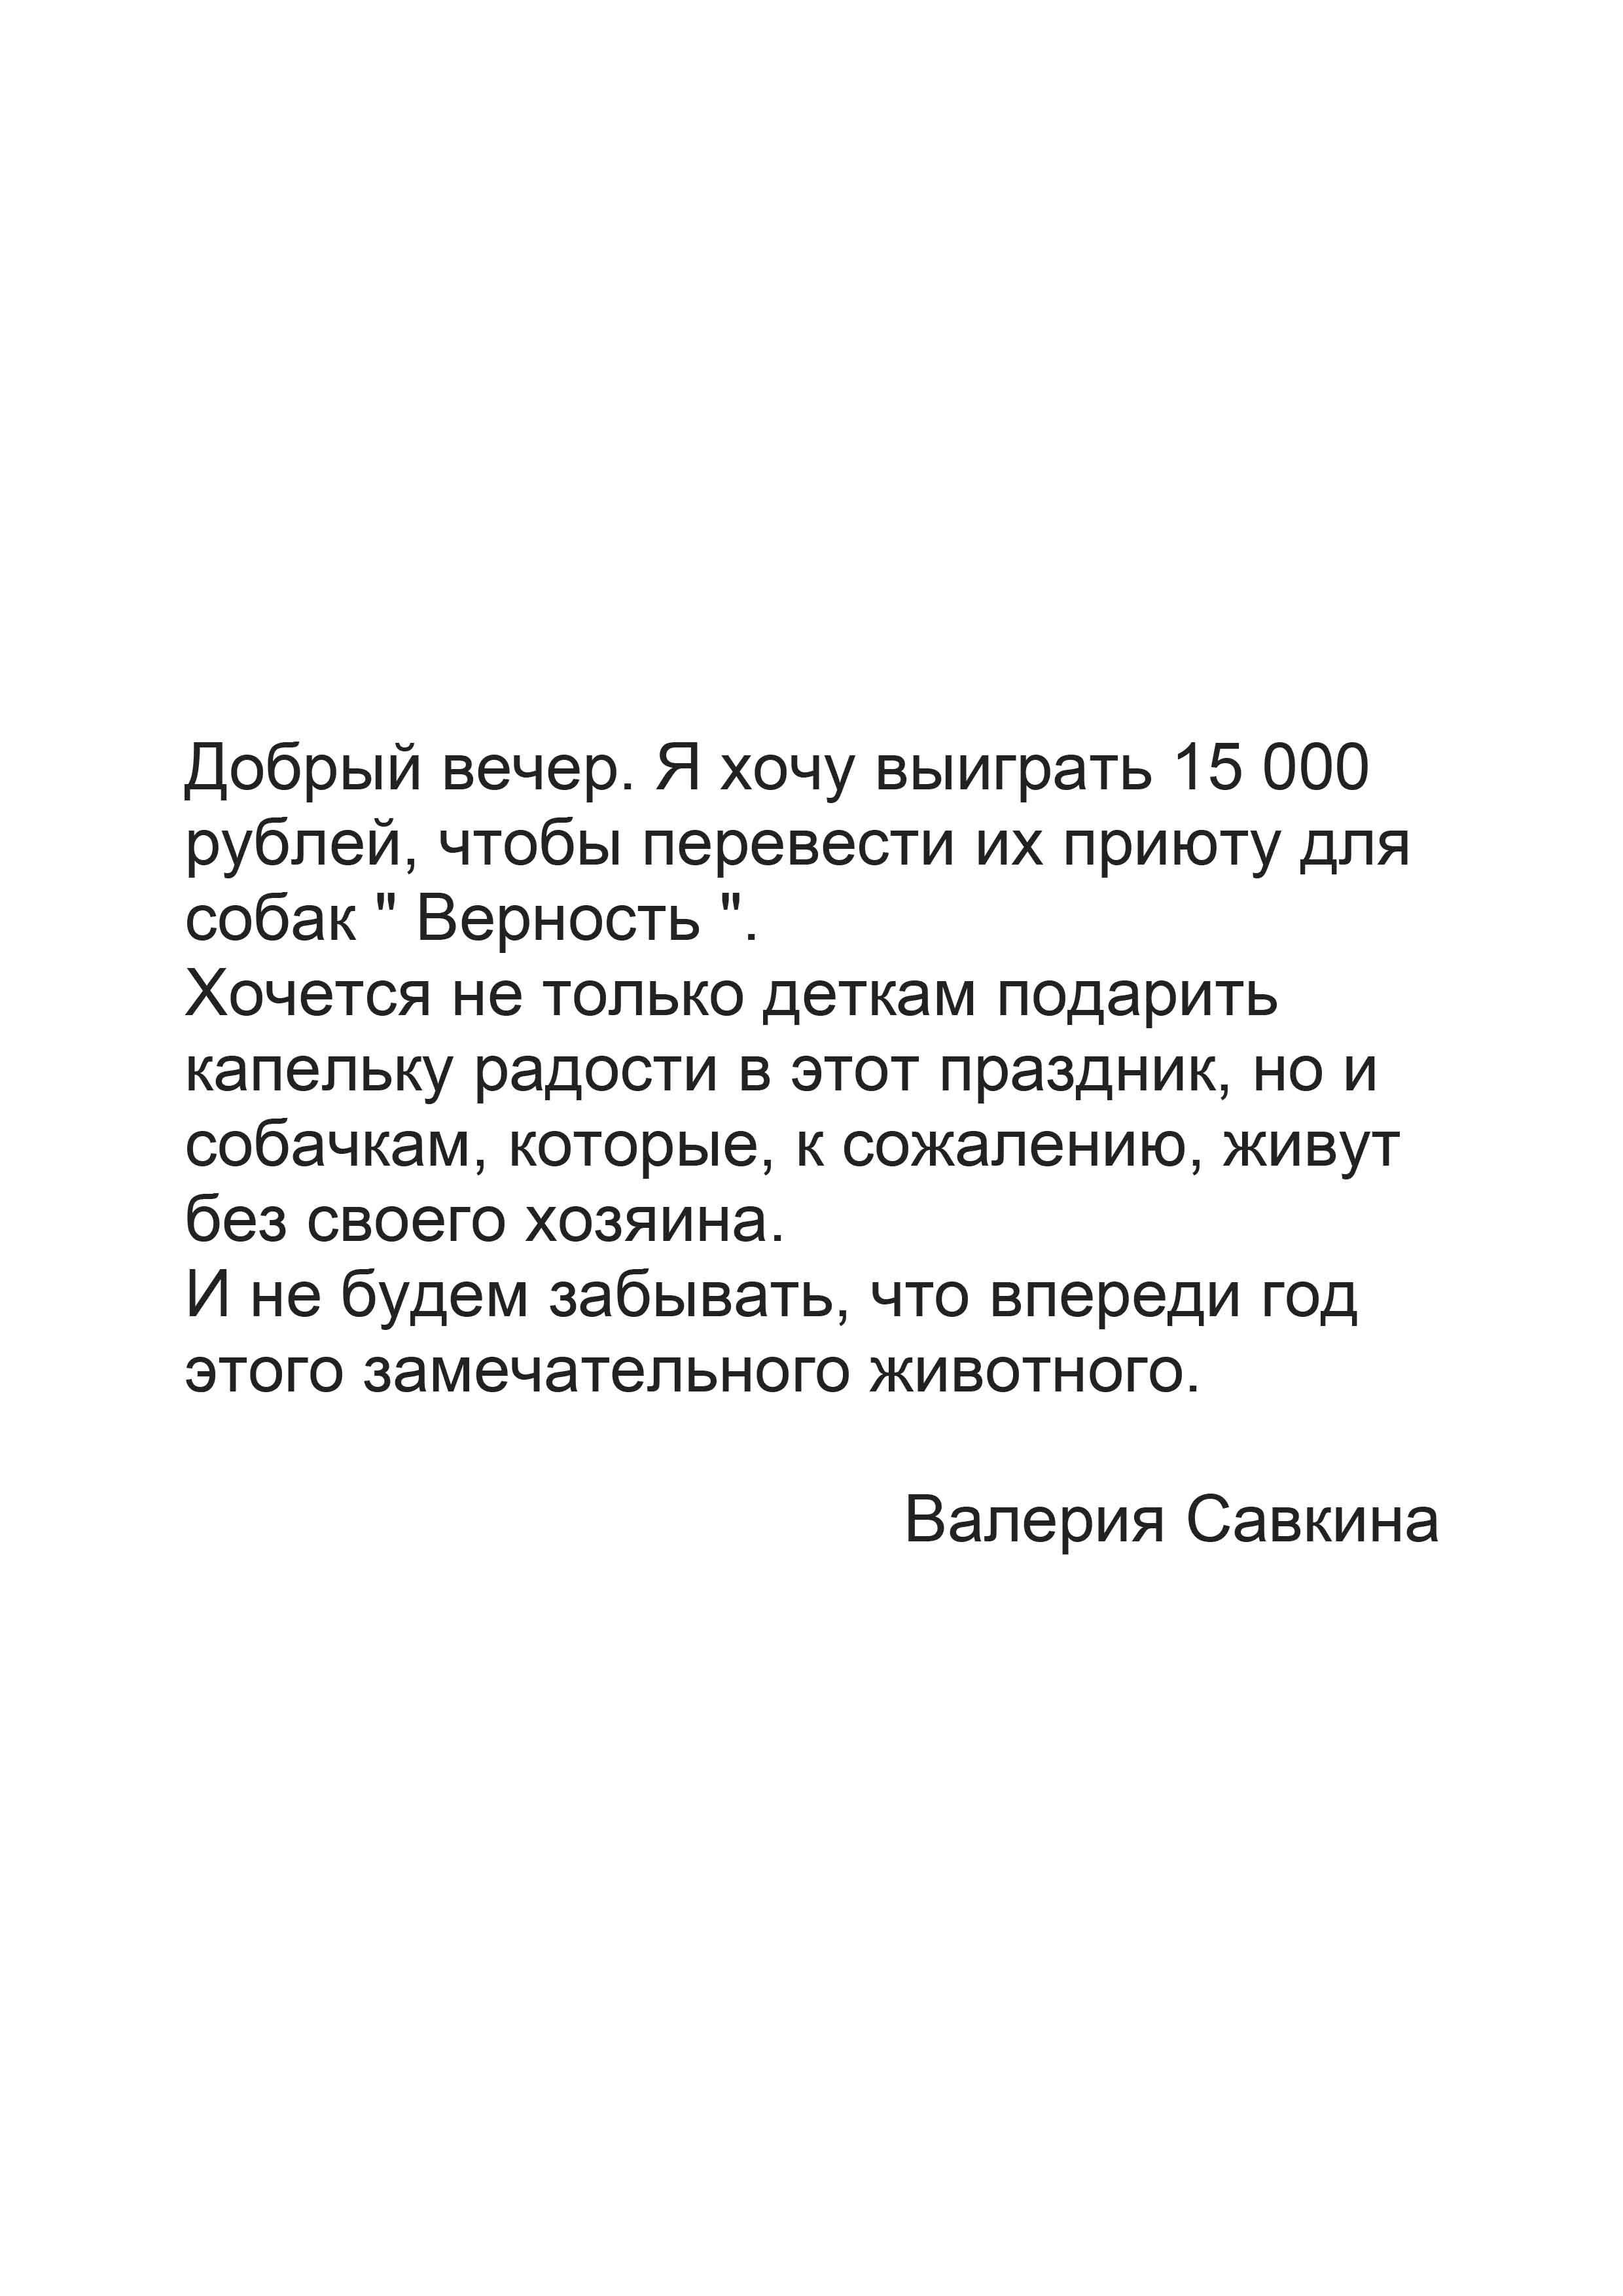 Валерия Савкина